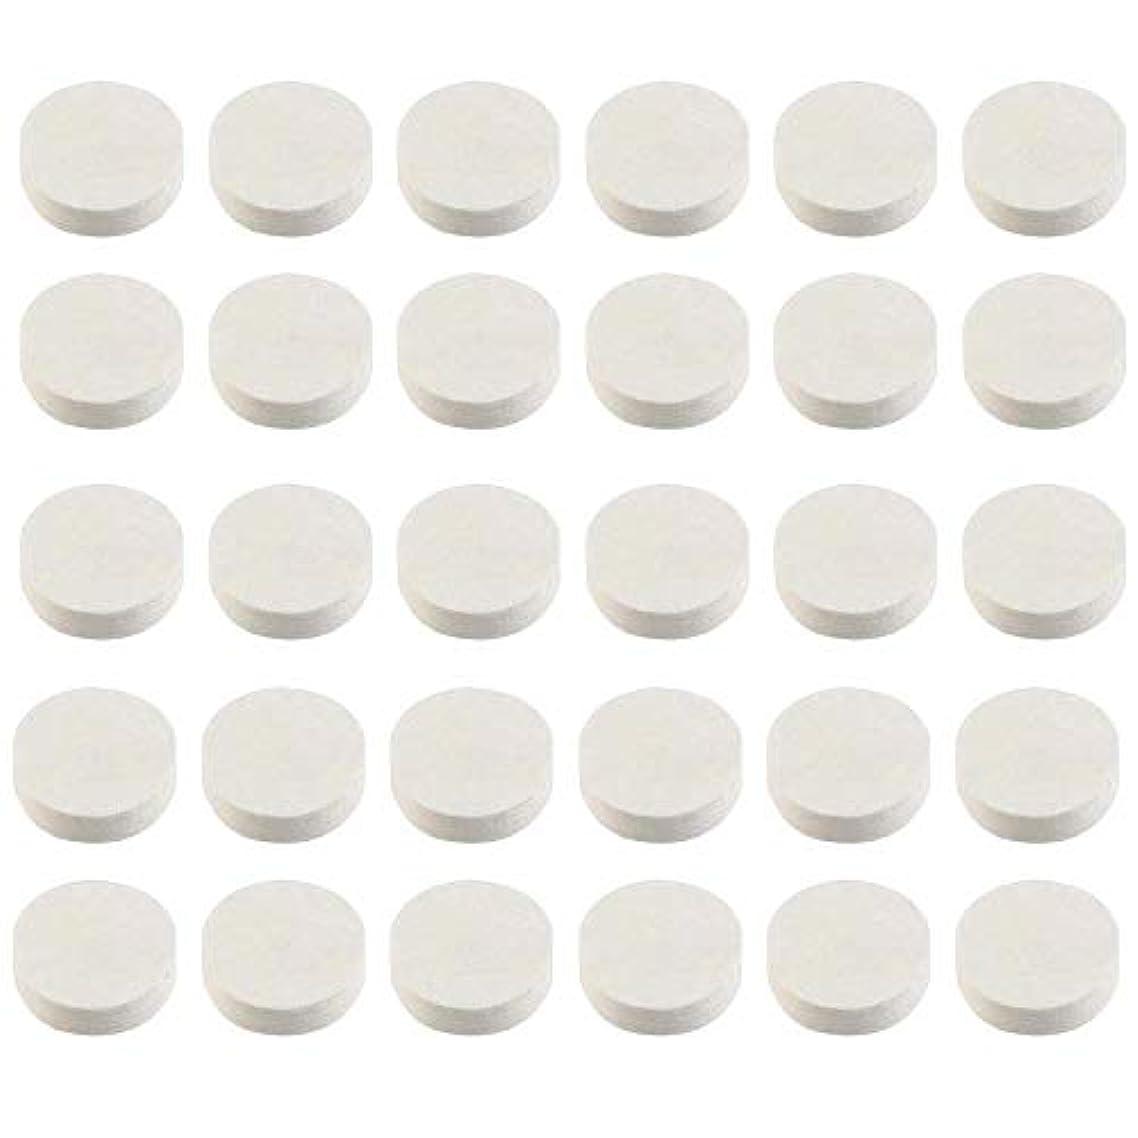 カナダ最後に適合30枚入り携帯便利使い捨て圧縮マスク圧縮フェイスパック圧縮マスクシートスキンケア